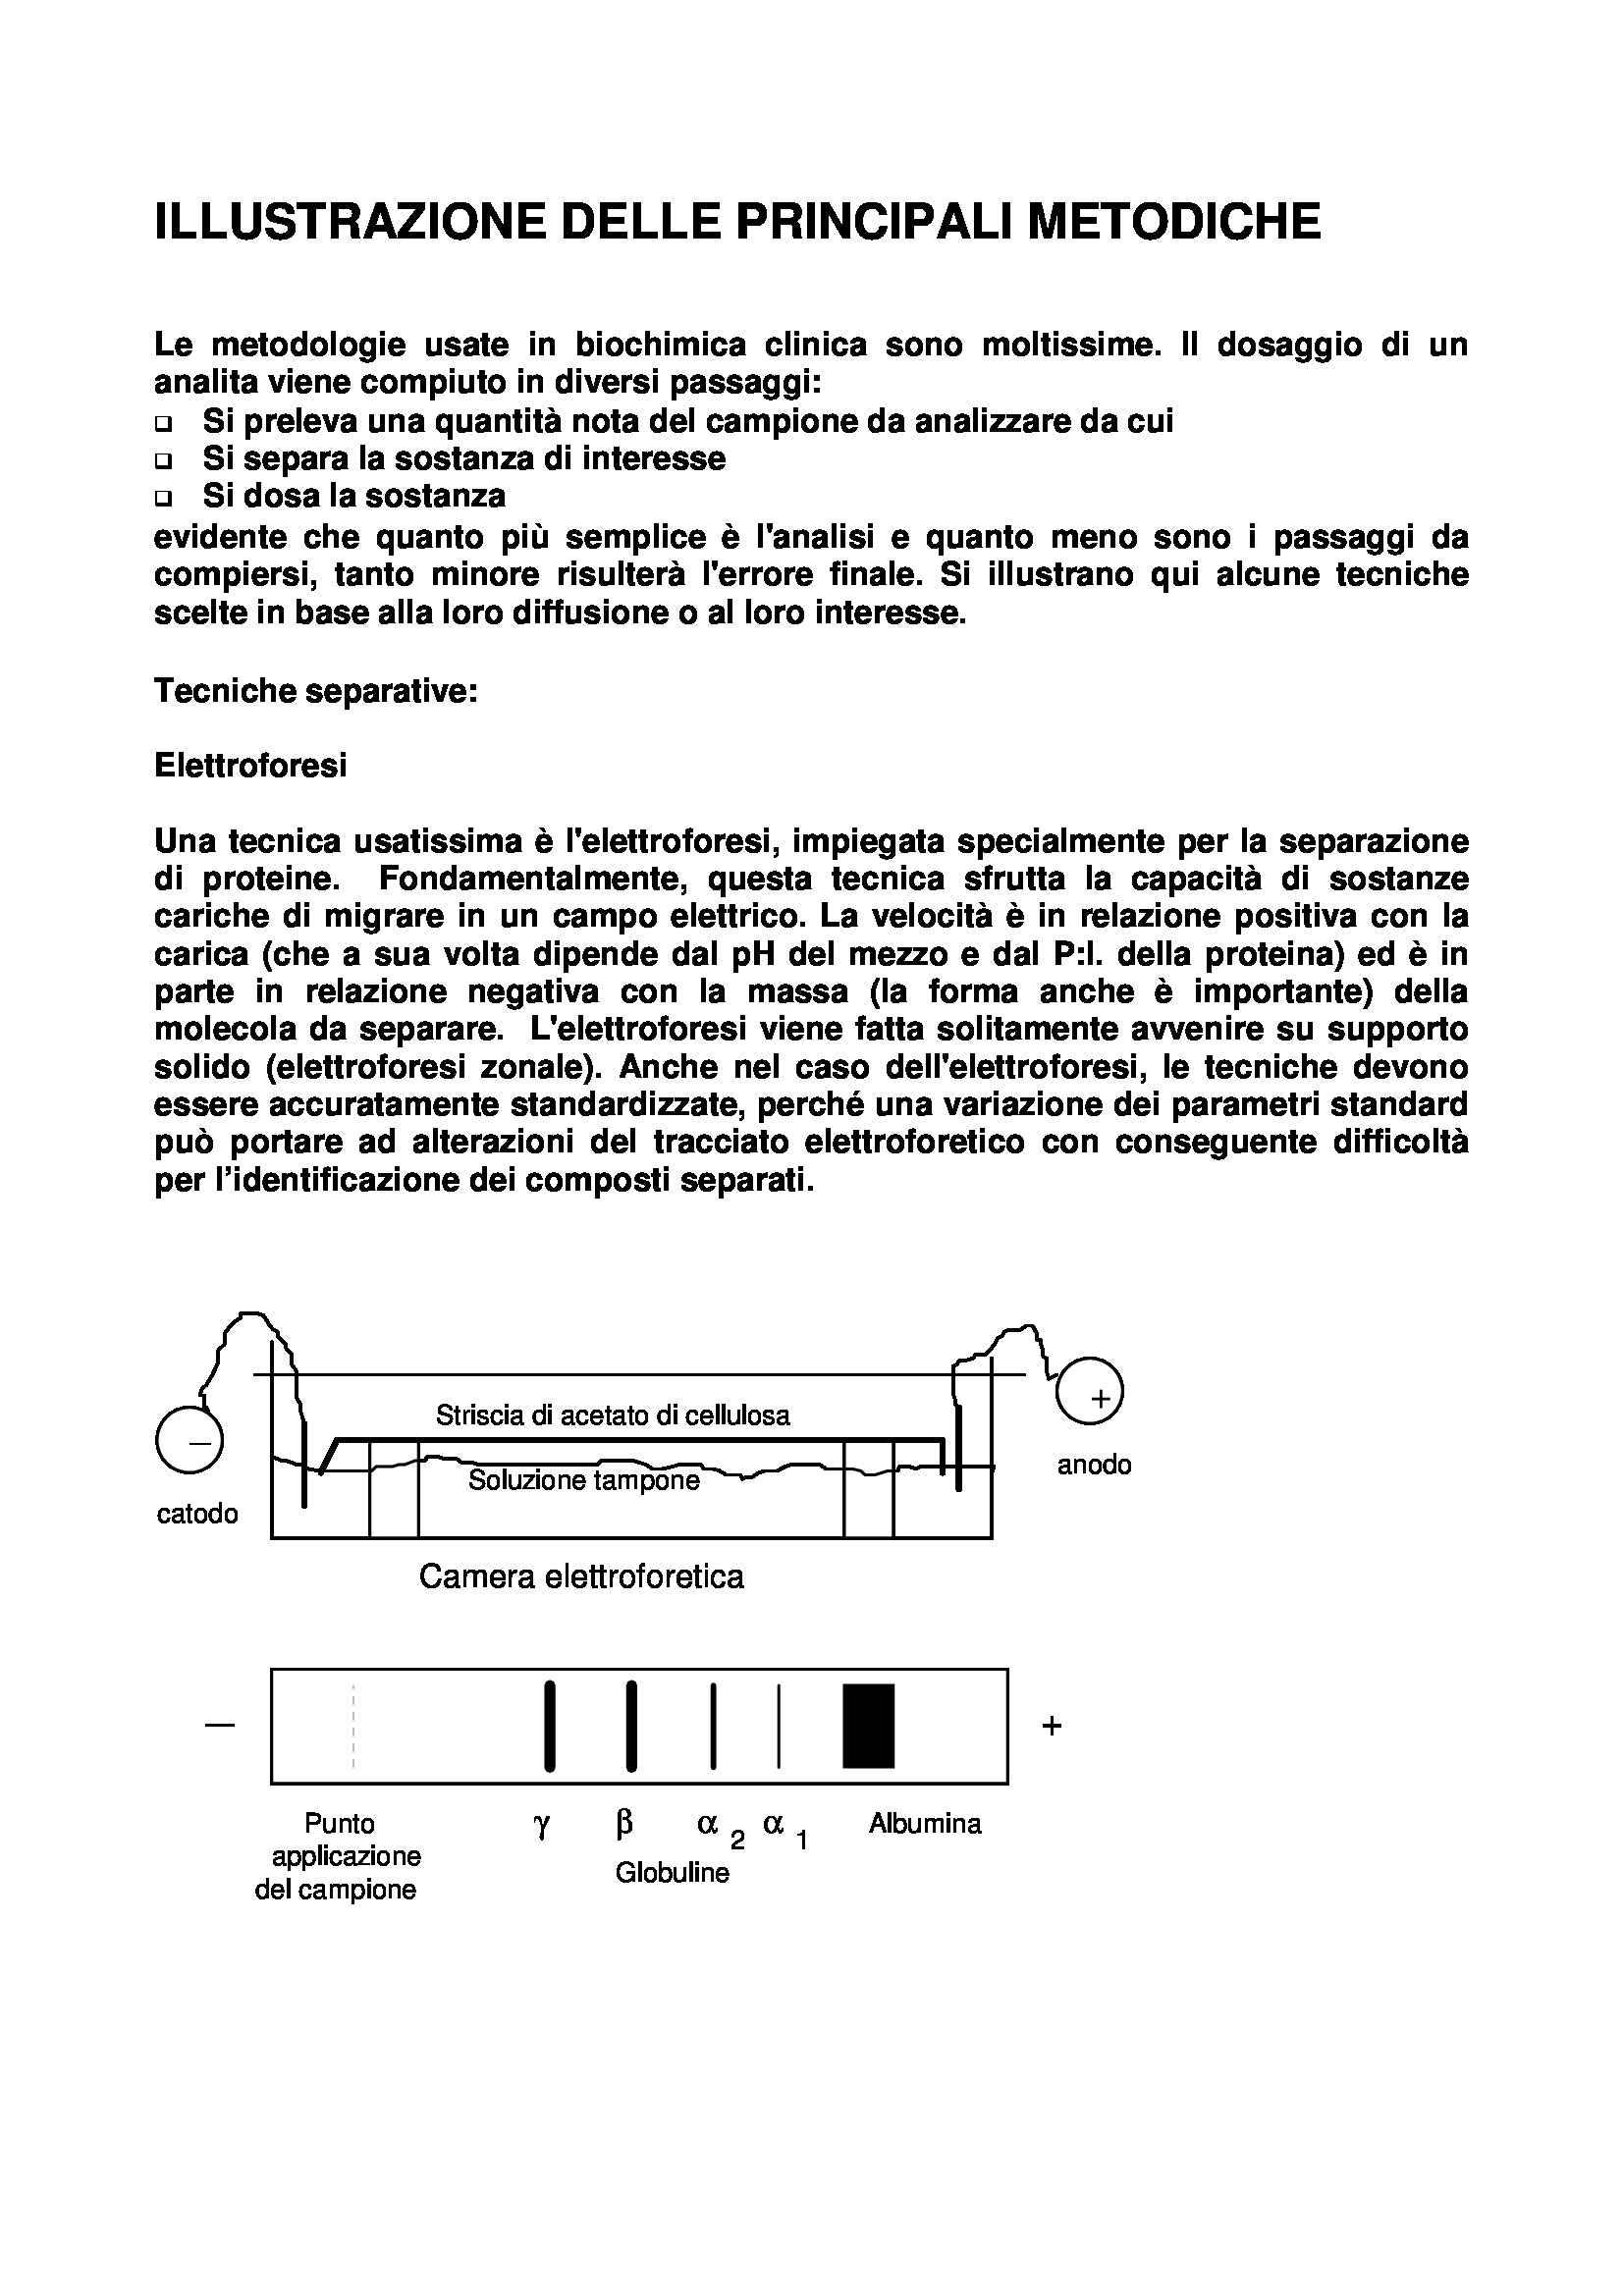 Biochimica clinica - Metodiche principali